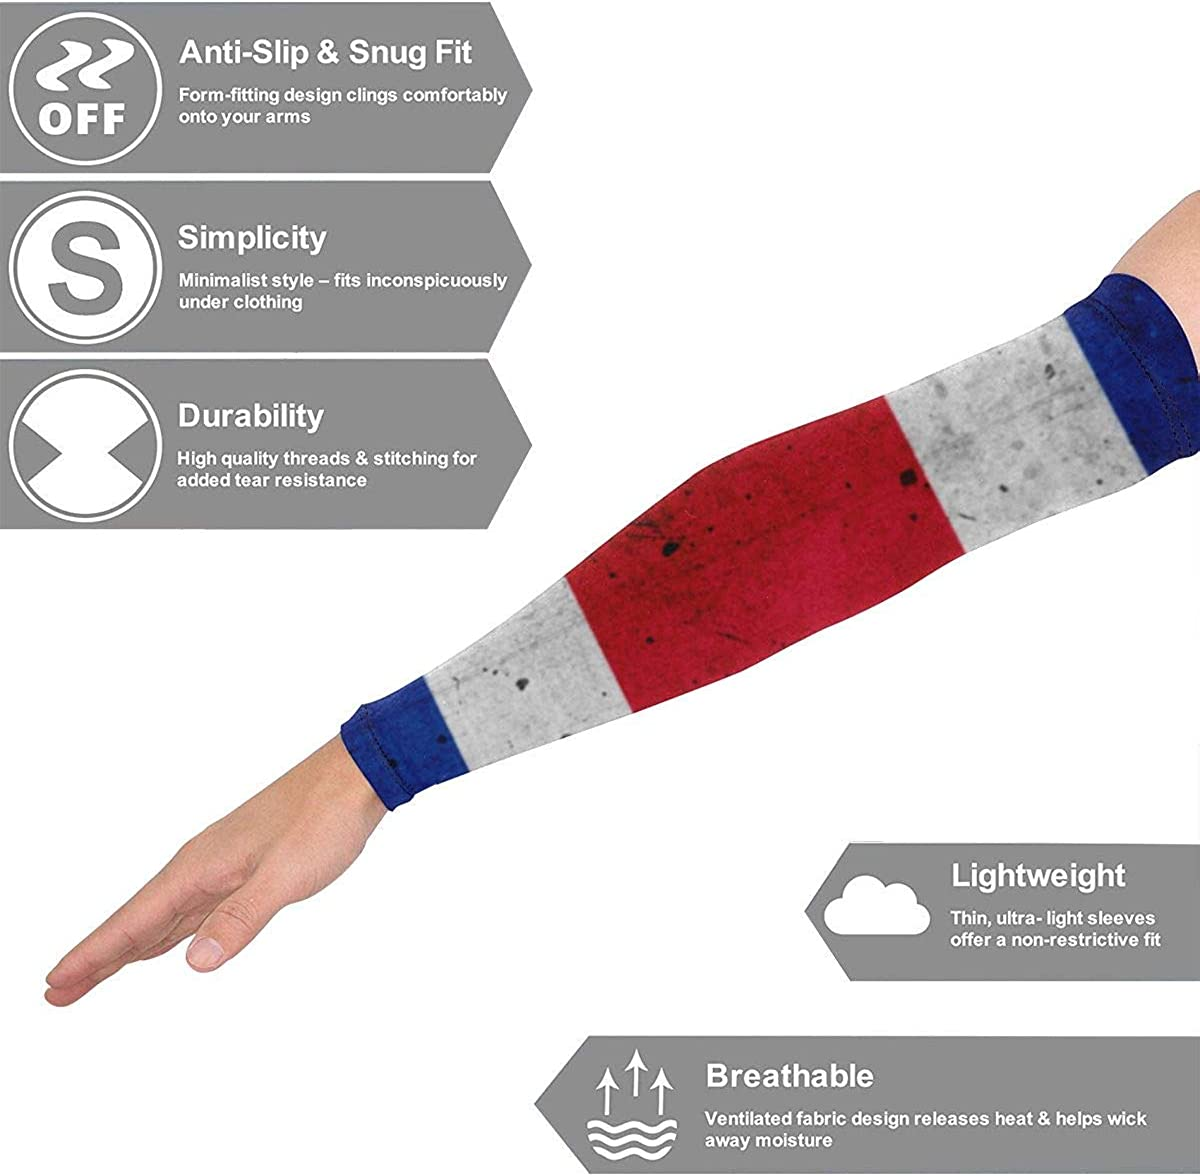 JHUIK Manica da braccio sportiva Protezione solare UV Grunge Costa Rica Bandiera Raffreddamento o scaldino Protezione solare unisex Protezione braccio per moto Calcio Ciclismo Corsa Pallacanestro 1 Pa